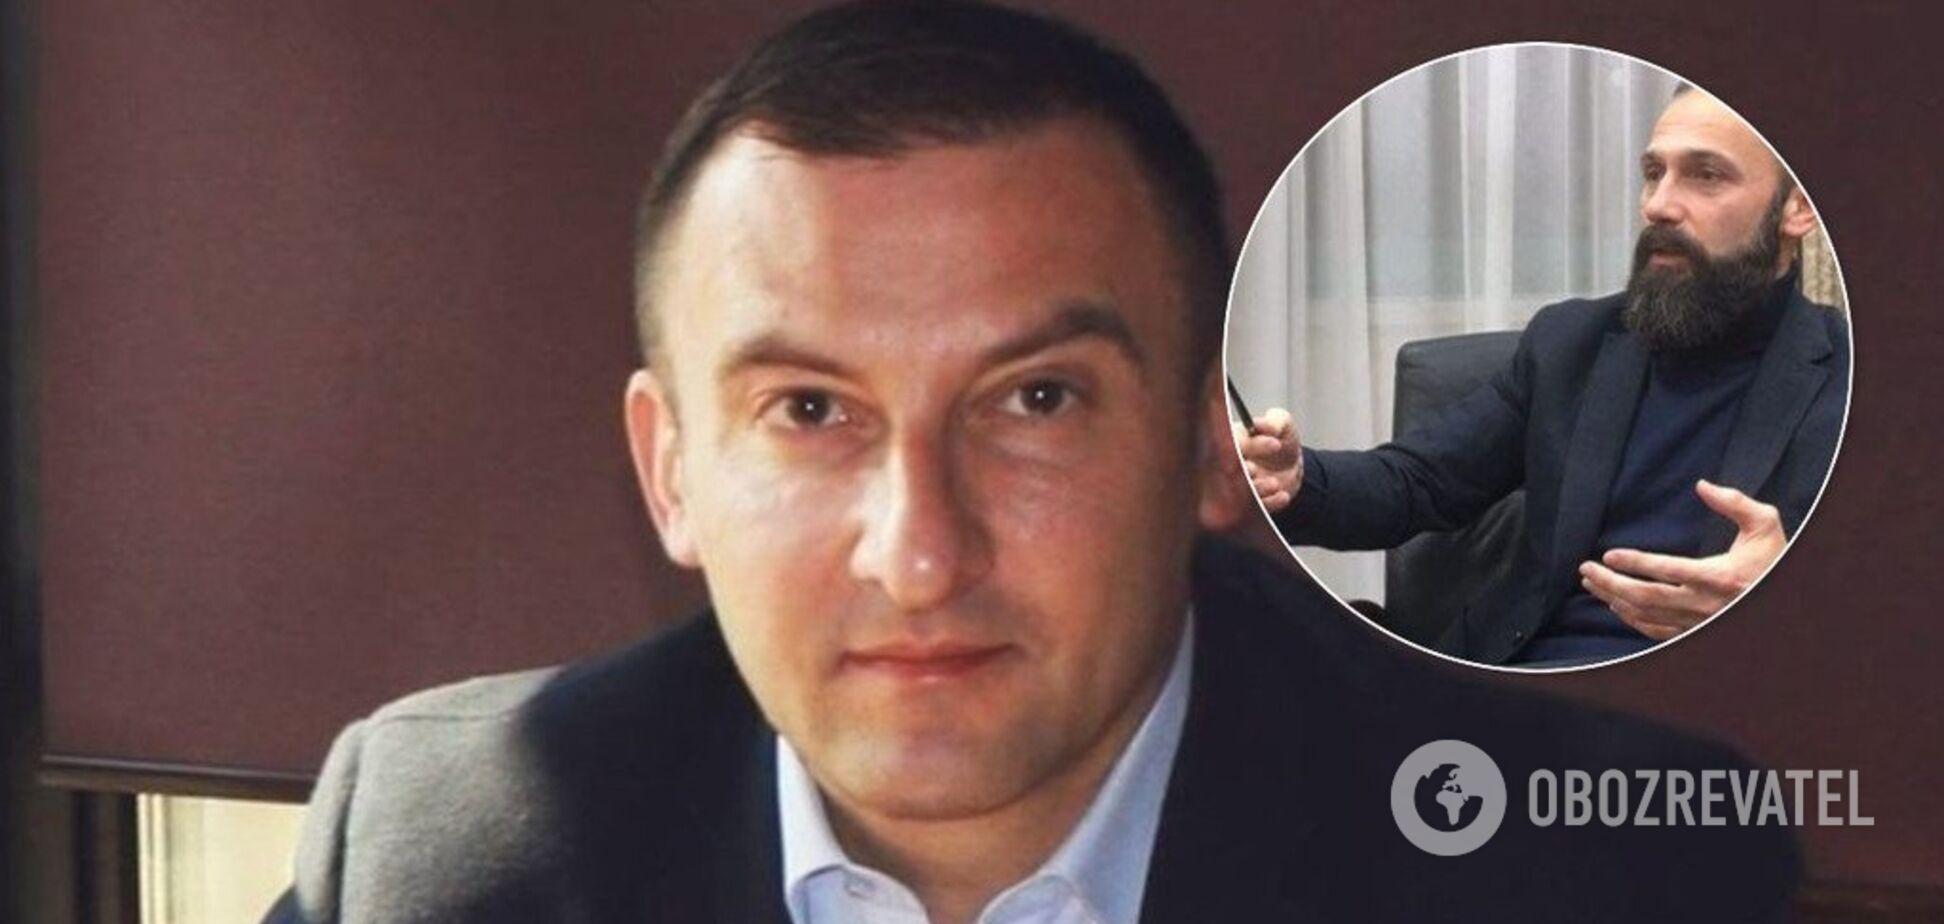 'Решал' конфликты, но нарвался на судей: OBOZREVATEL публикует новые факты о депутате, чей маленький сын был убит